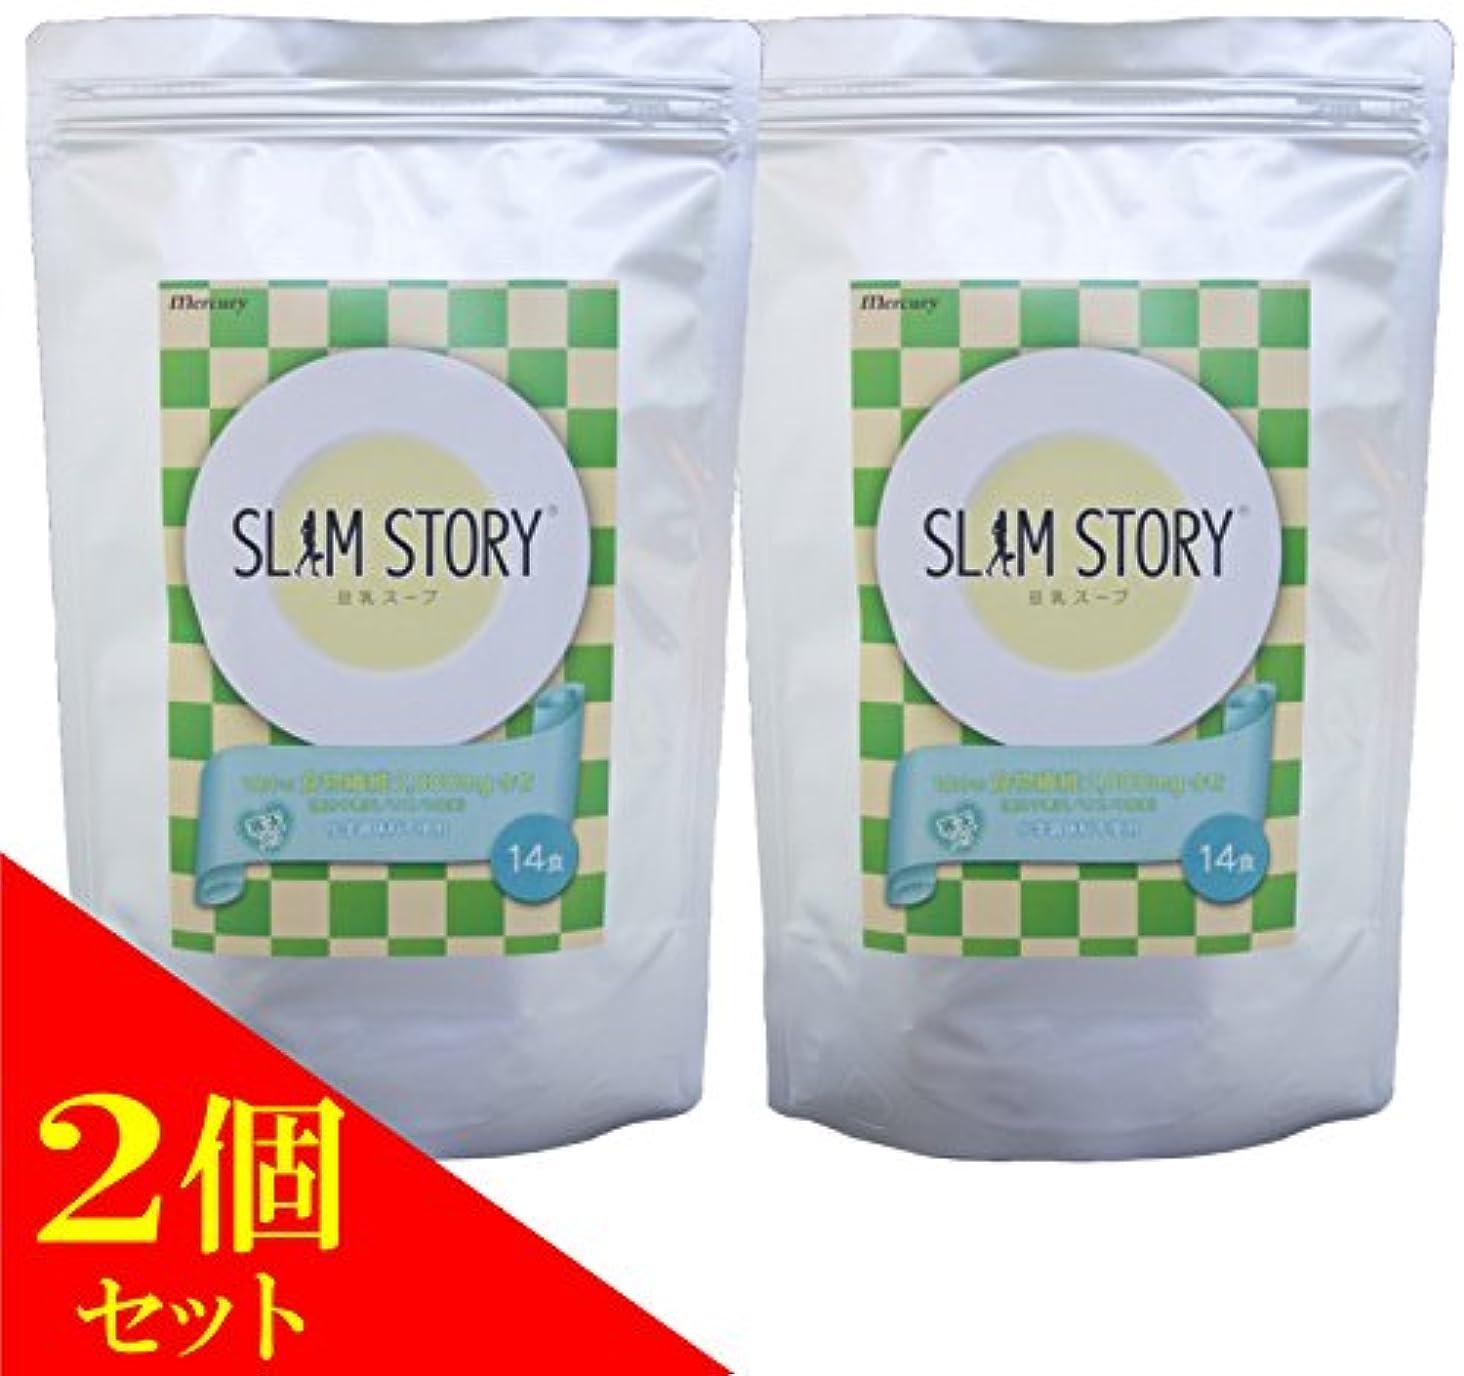 年金受給者染料ハンカチ(2個)マーキュリー SLIM STORY 豆乳スープ 14食×2個セット/化学調味料 不使用(4947041155176)